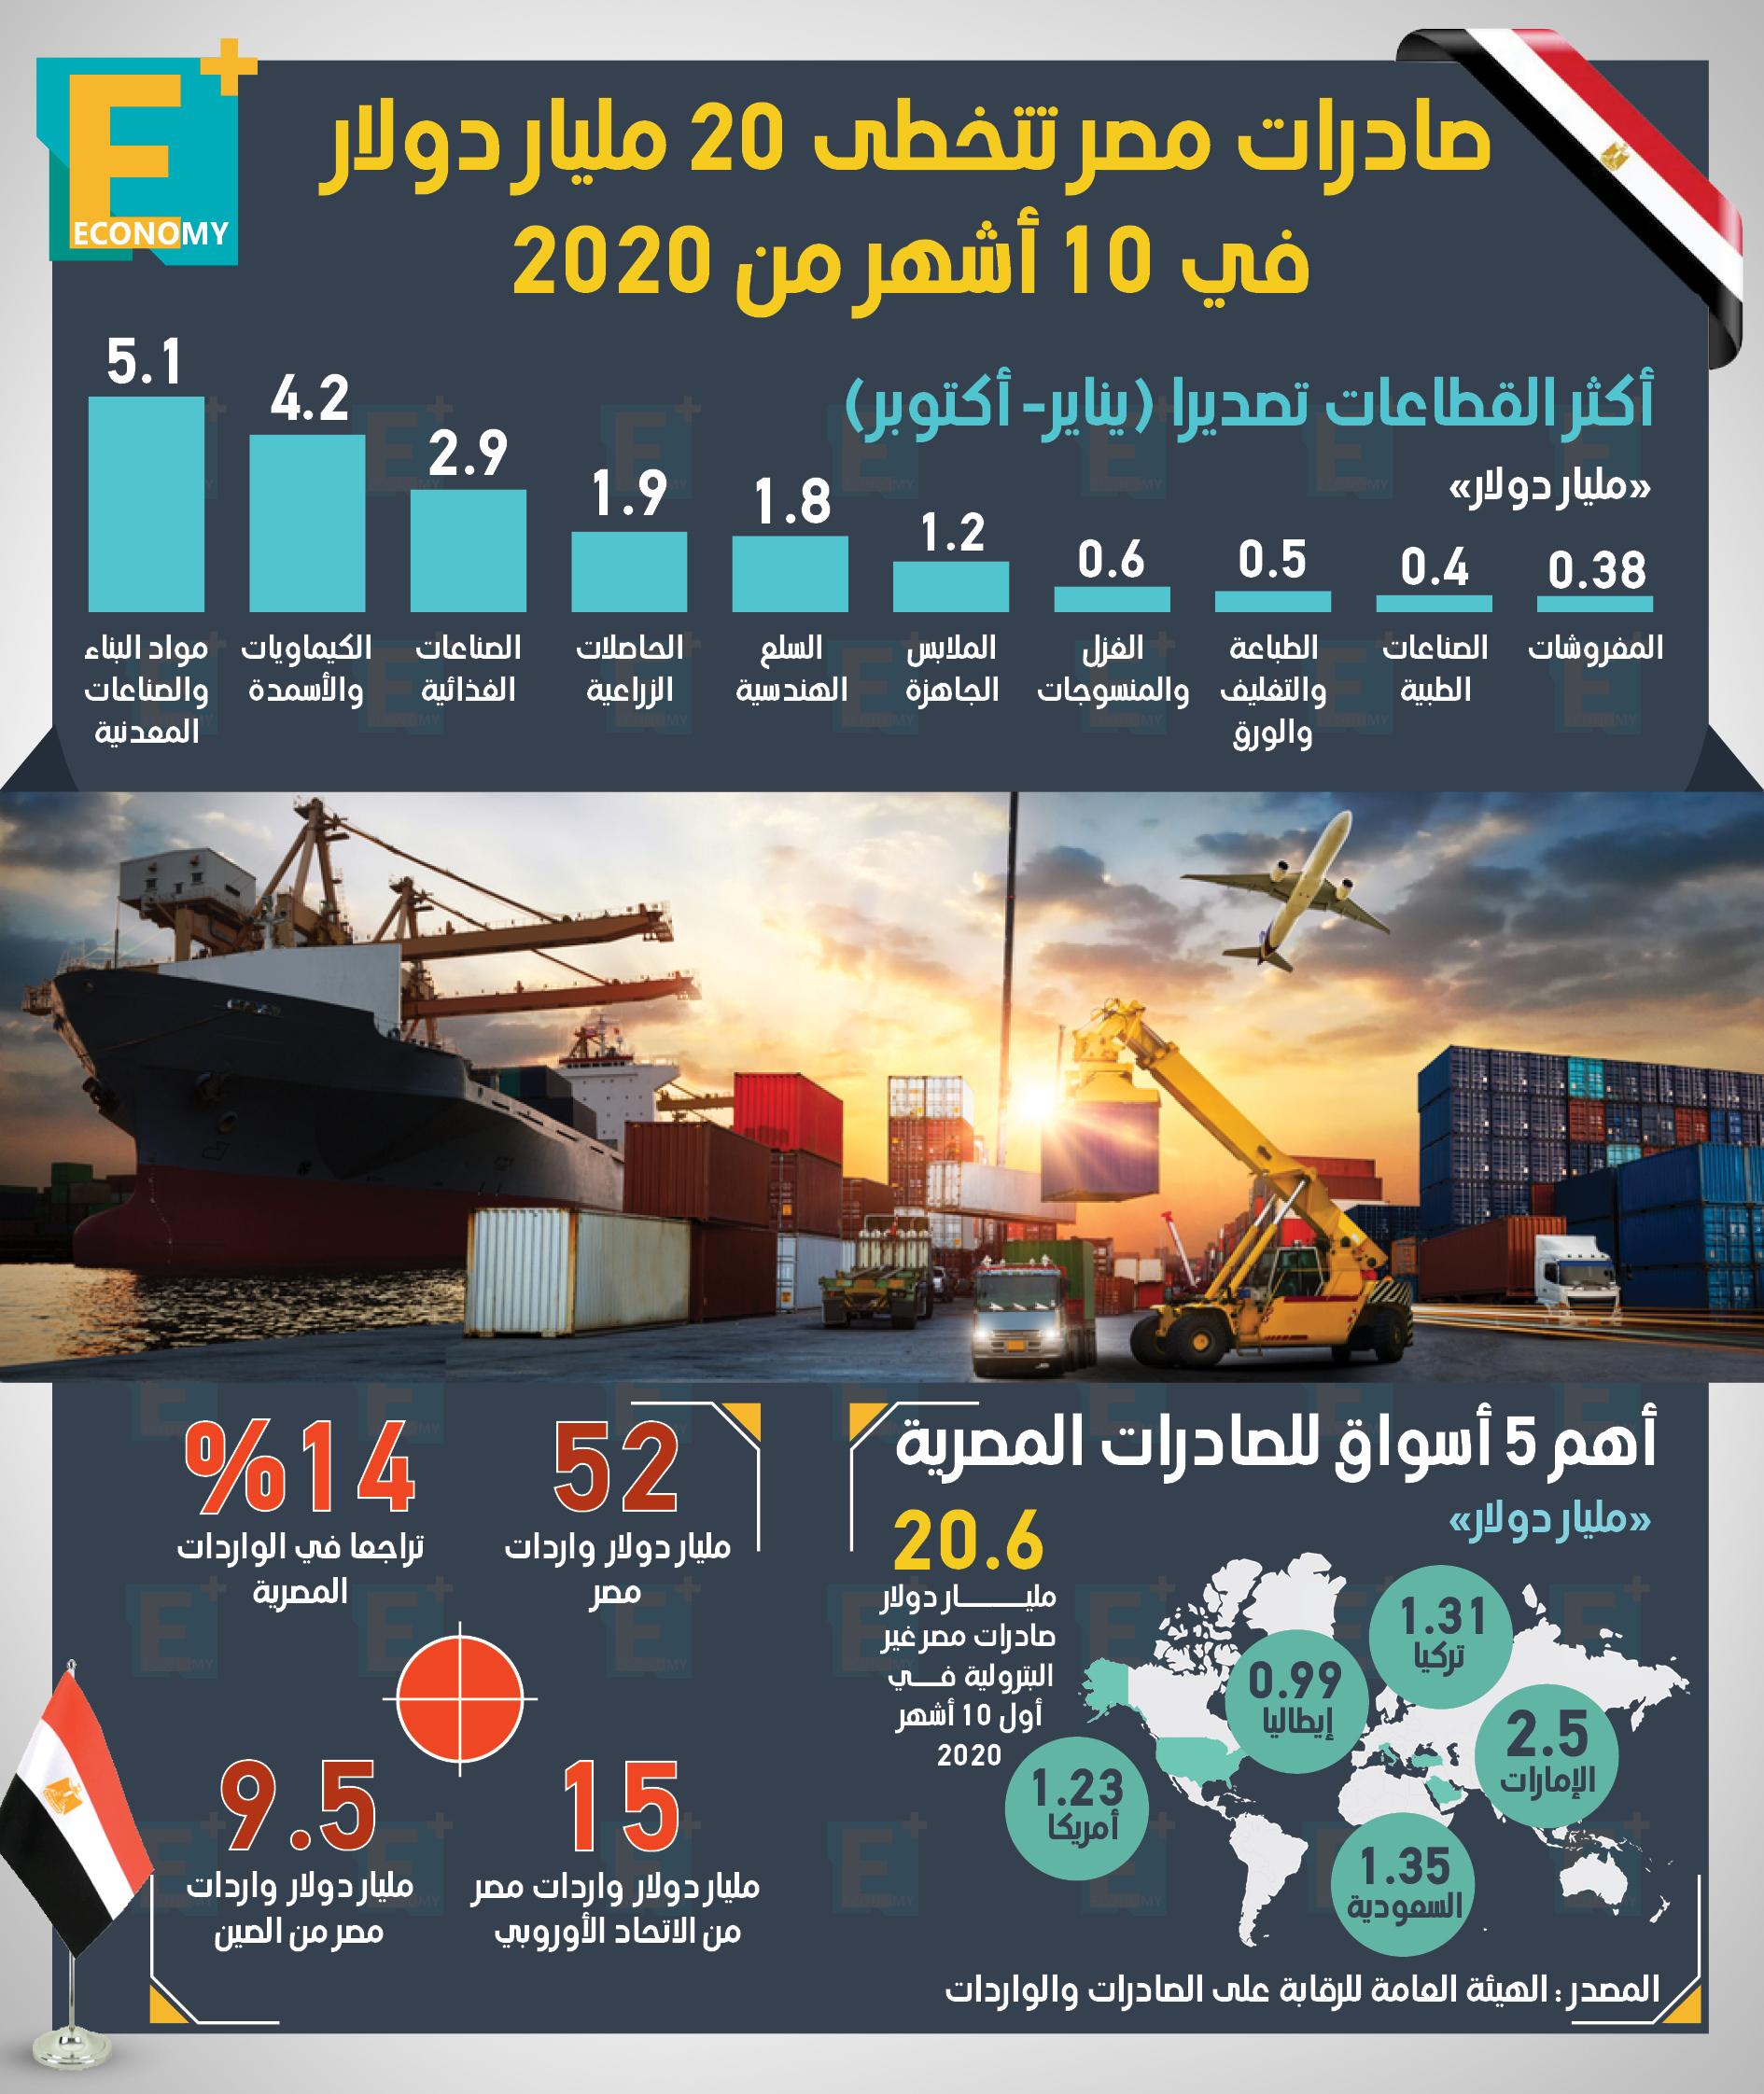 صادرات مصر تتخطى 20 مليار دولار في 10 أشهر من 2020